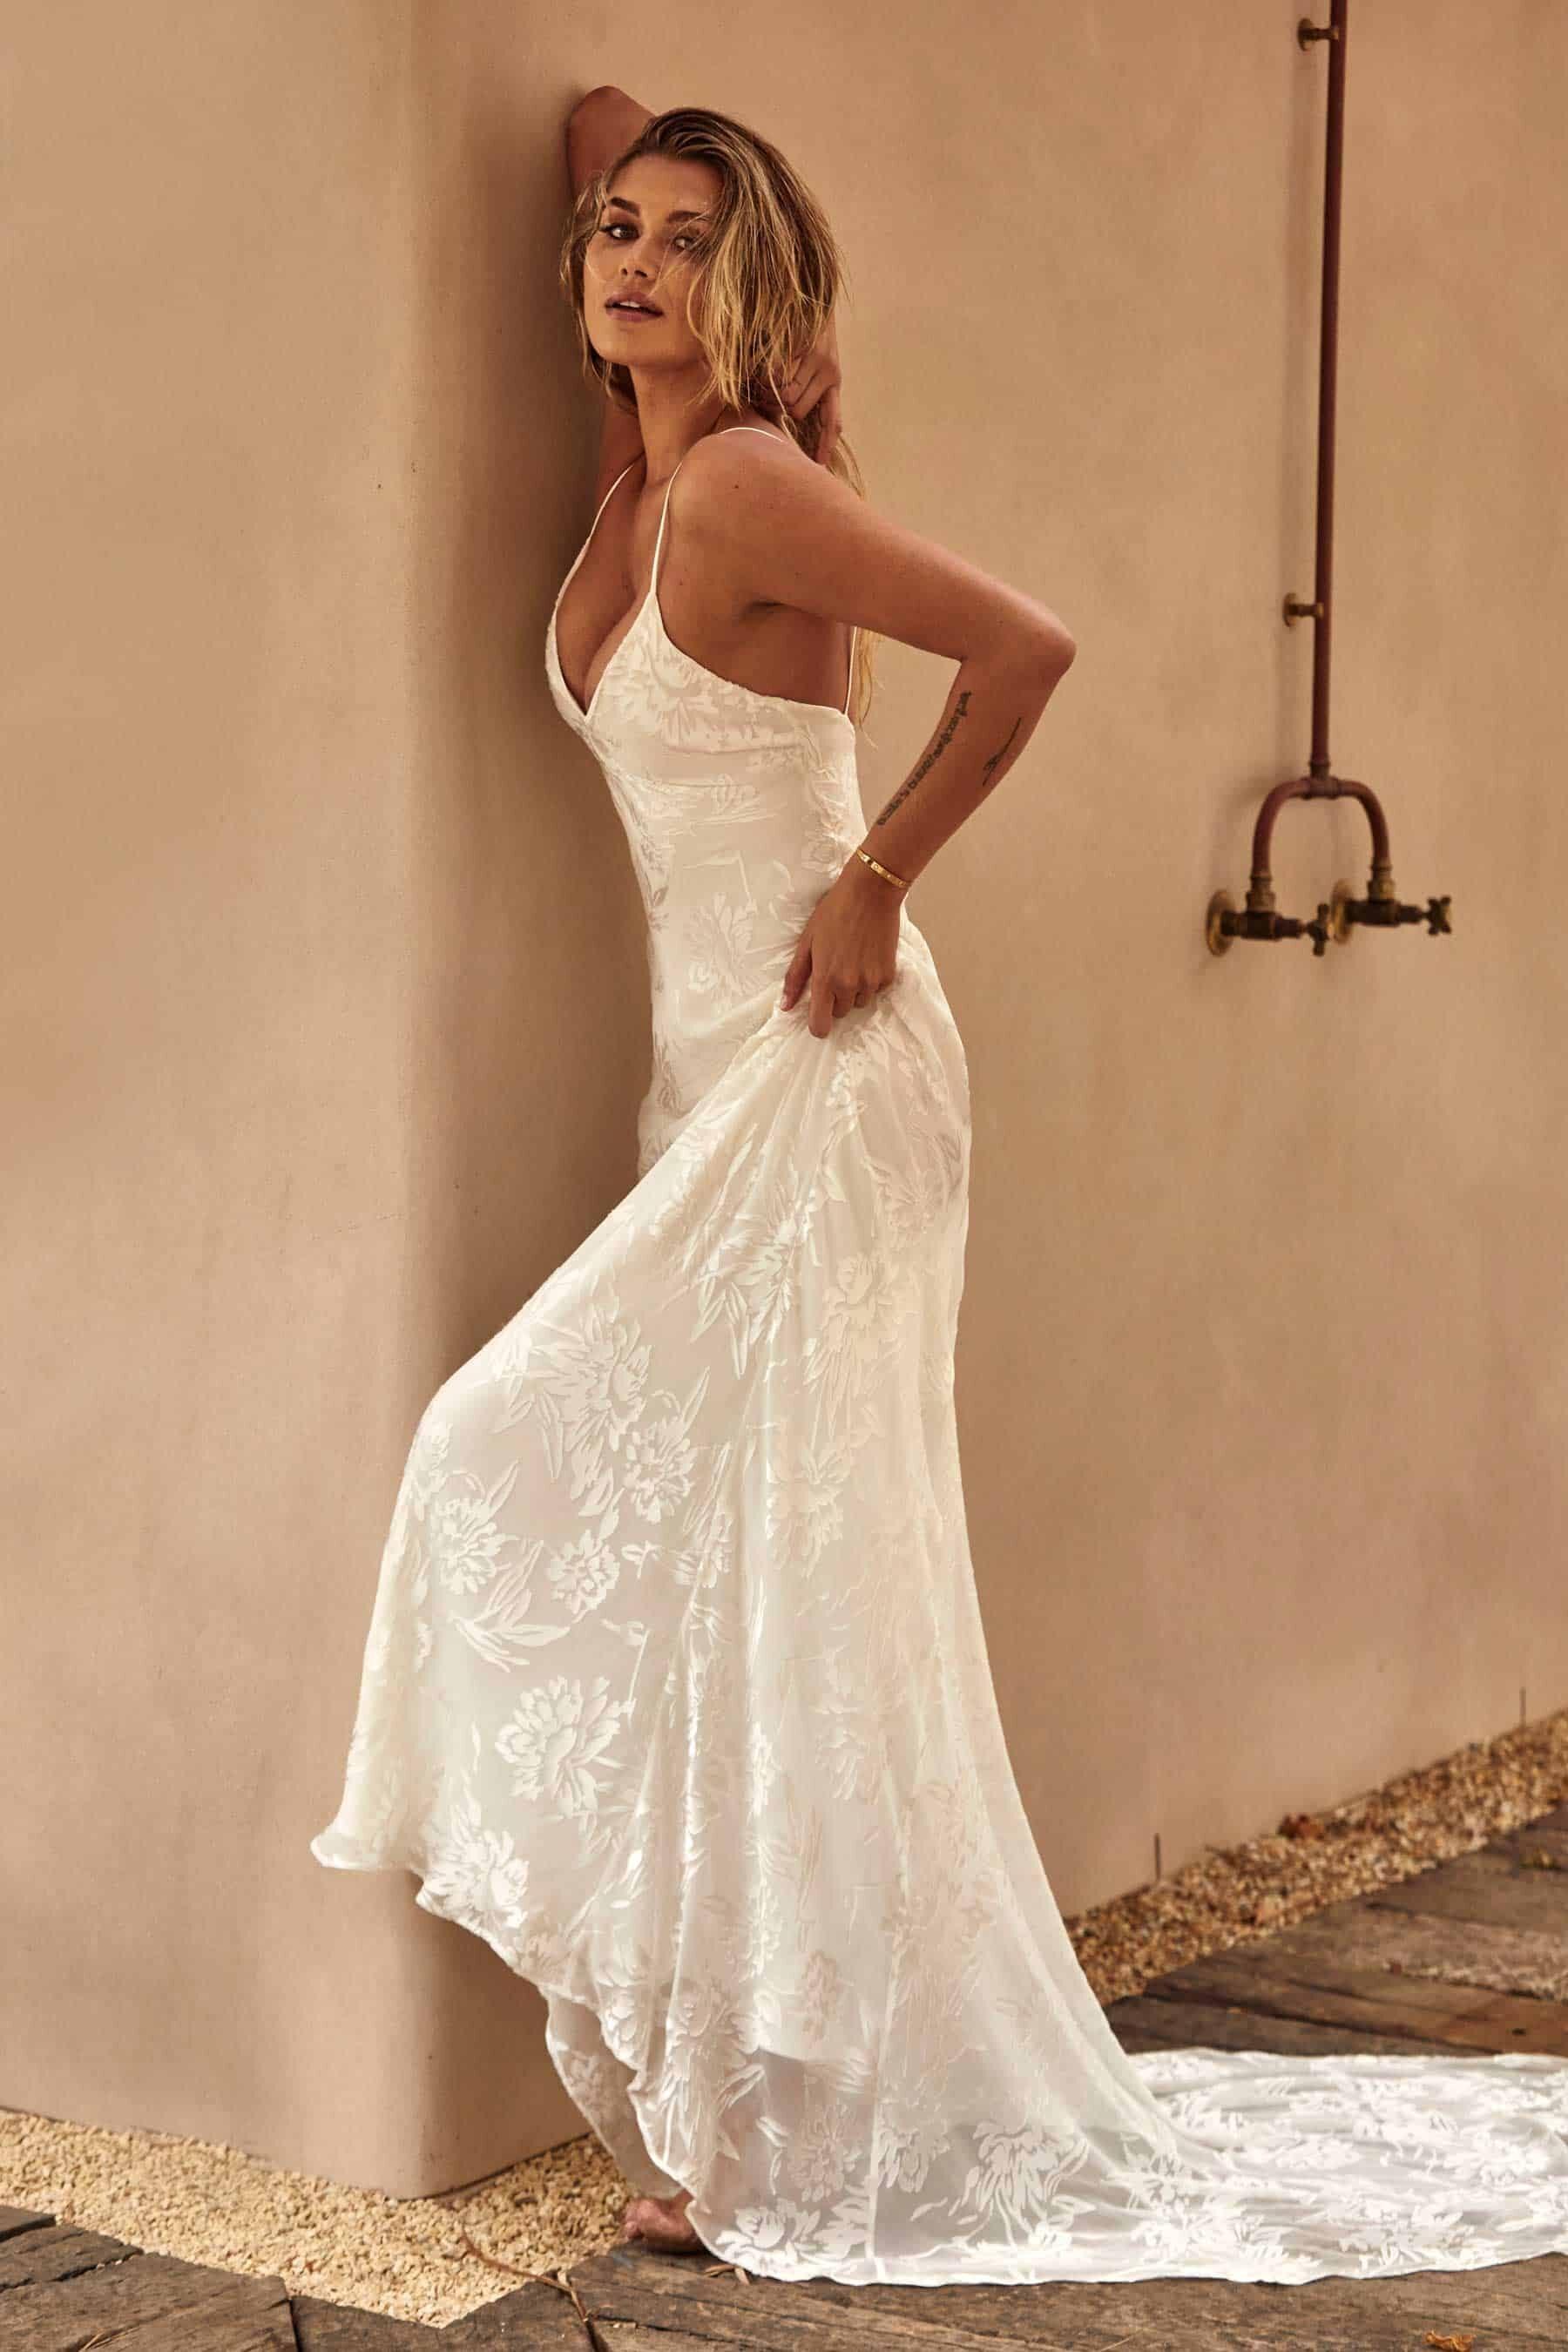 Loyola gown - modern wedding dress by Grace loves Lace